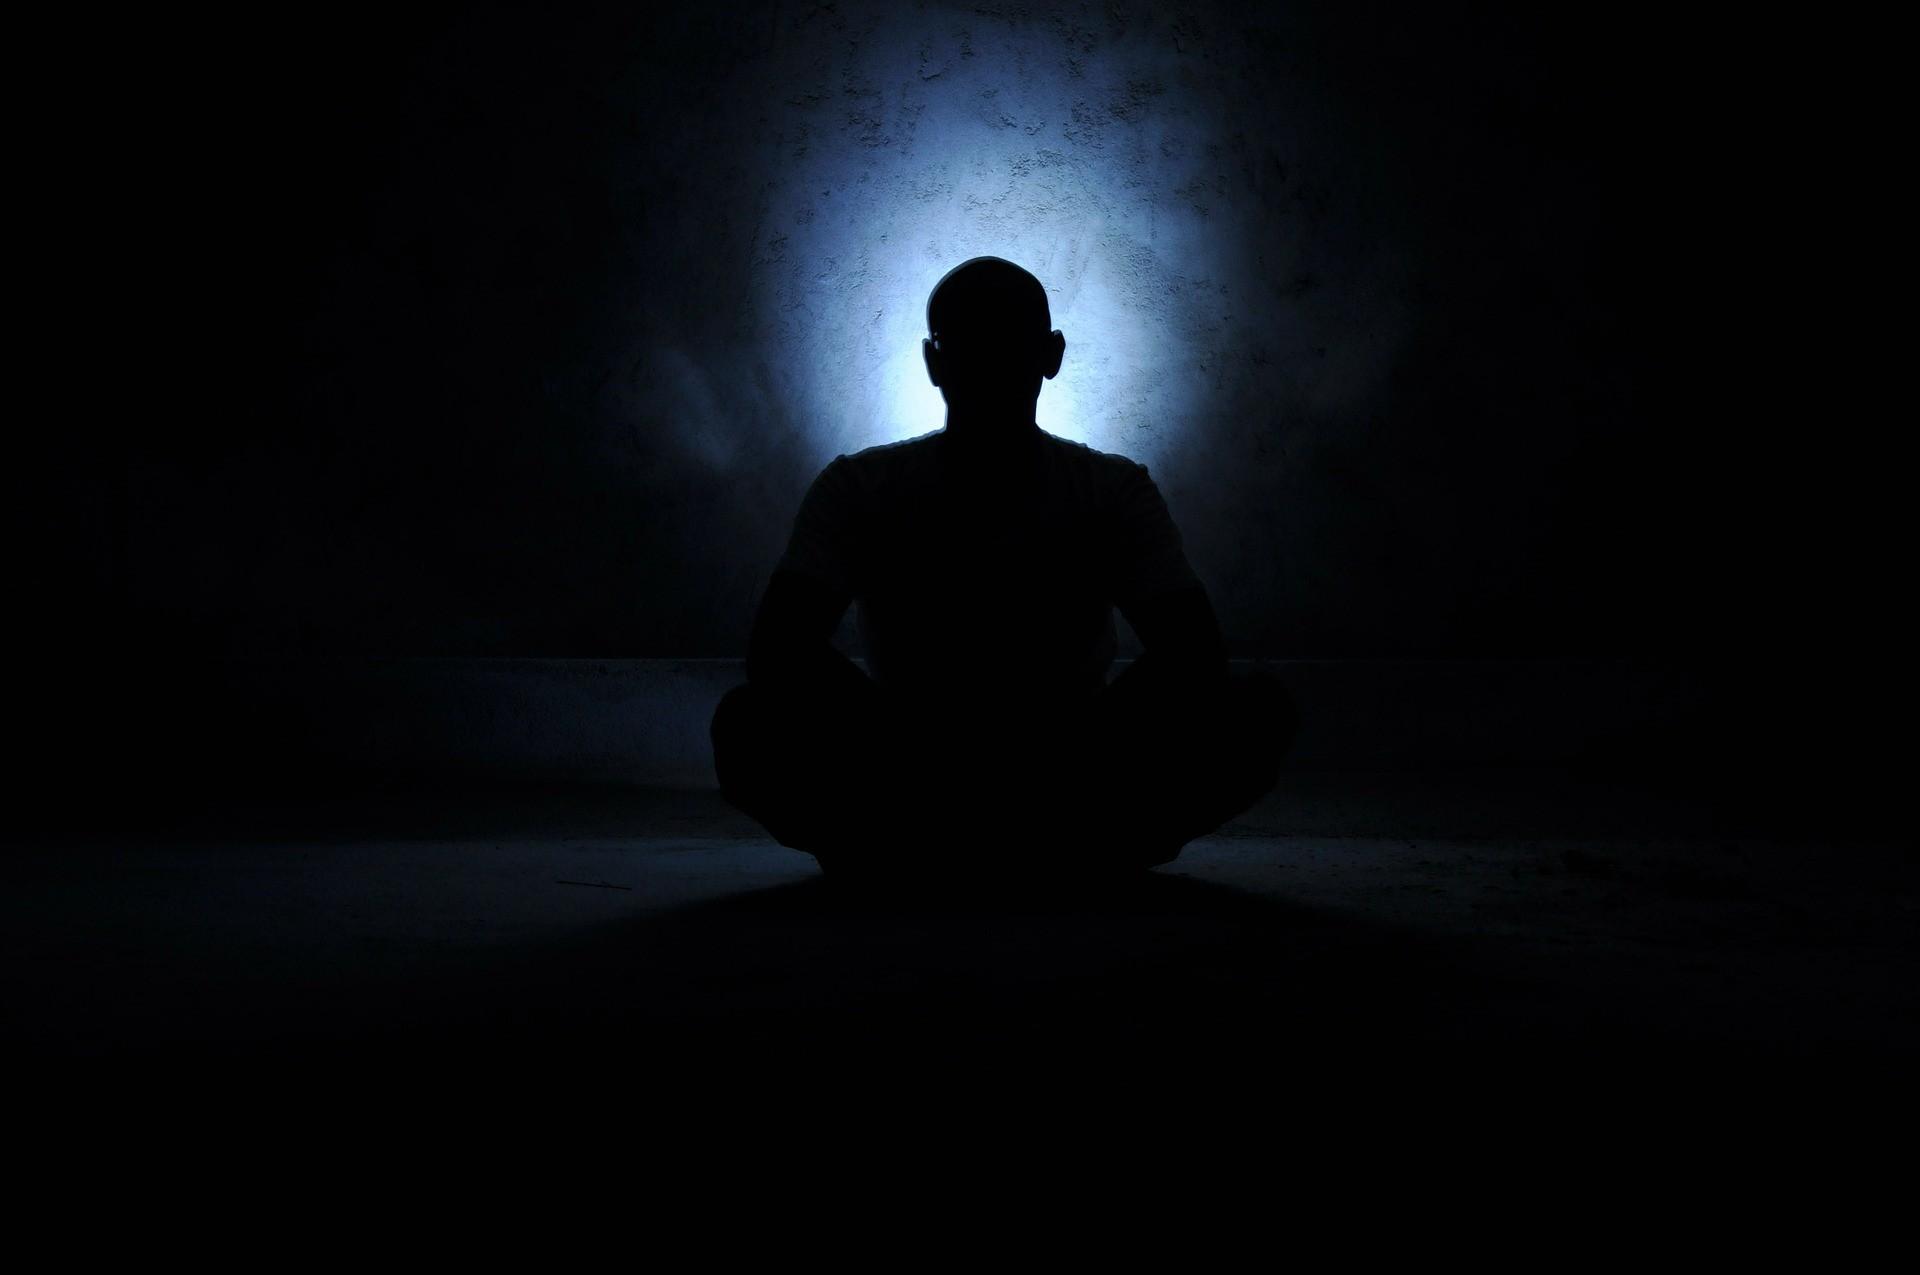 תפילות לנשמת הנפטר